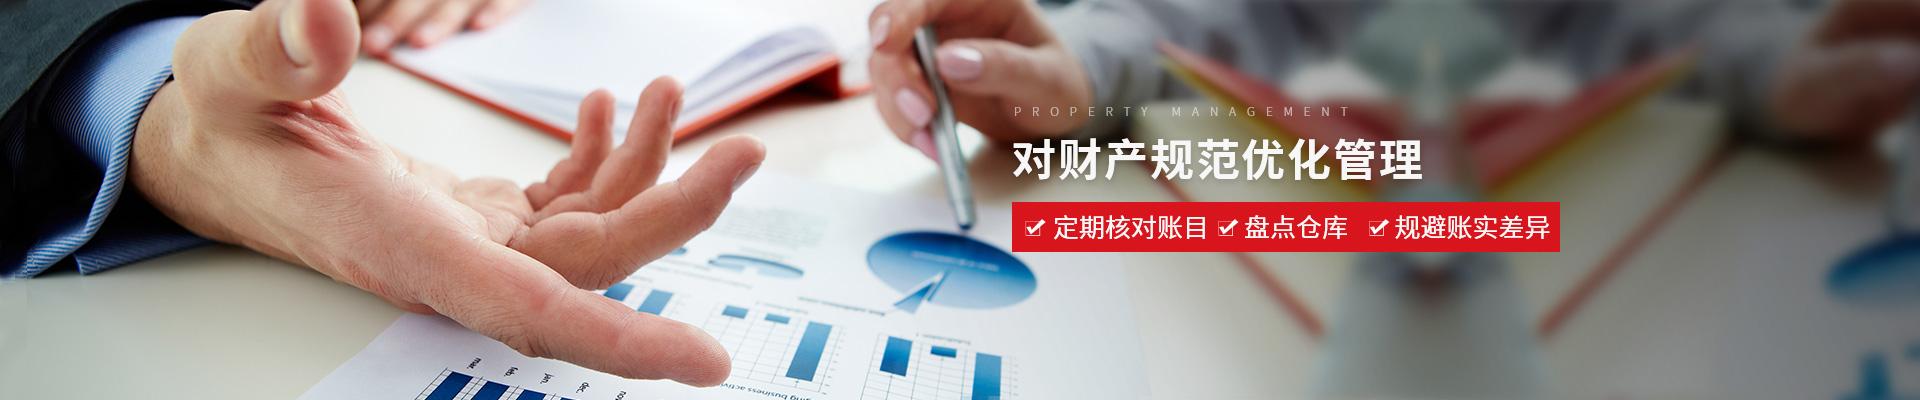 南大财税-对财产规范优化管理